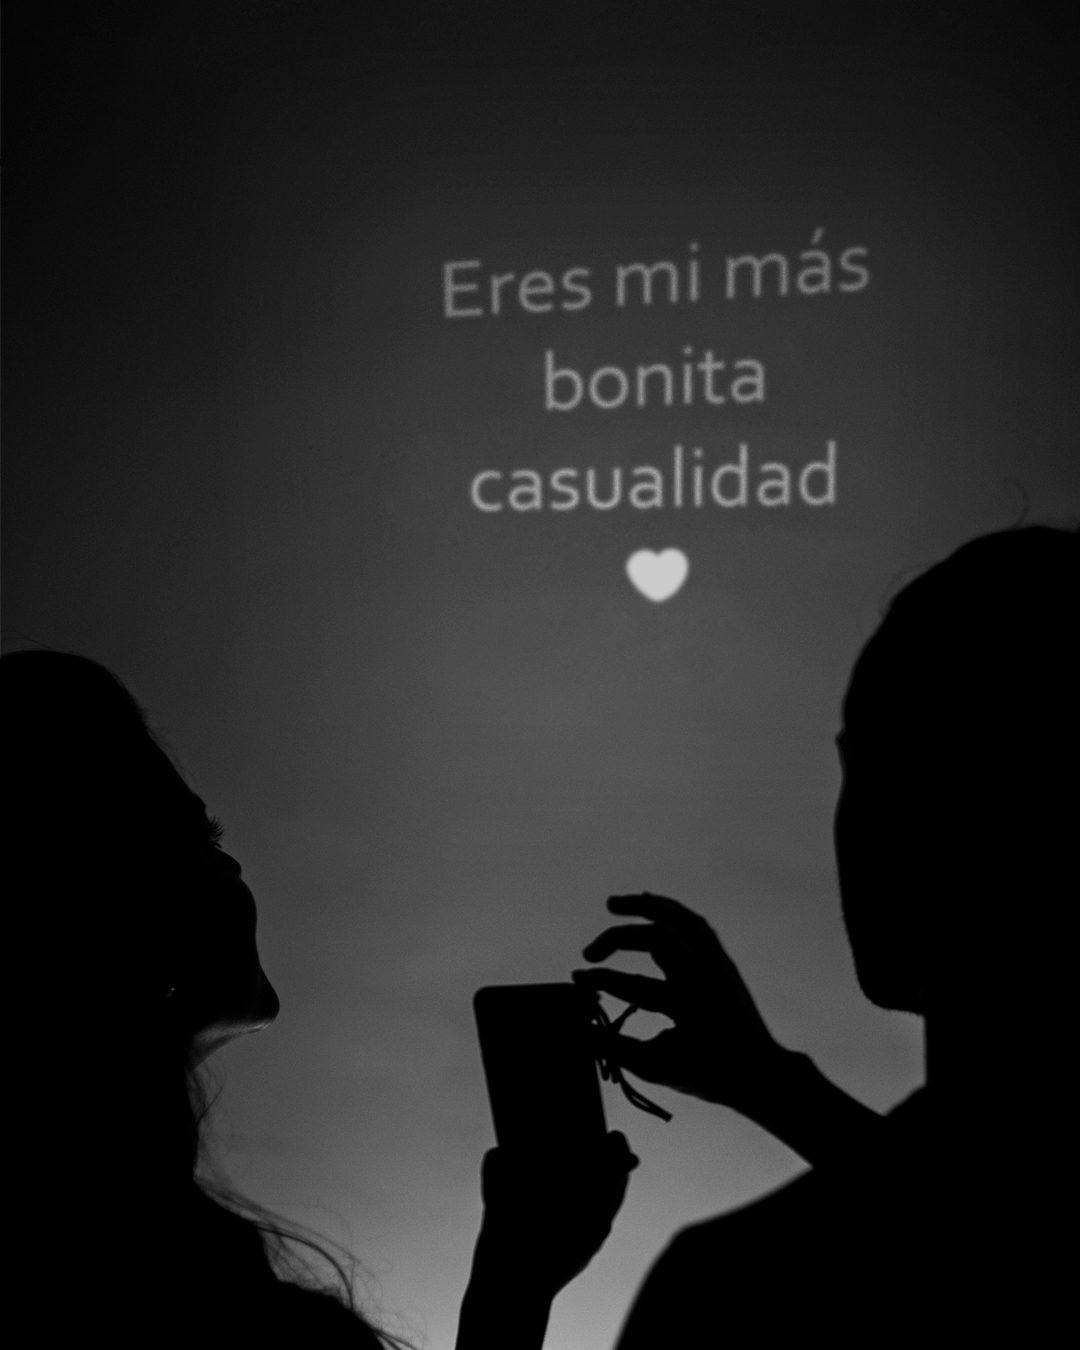 ers mi mas bonita casualidad1